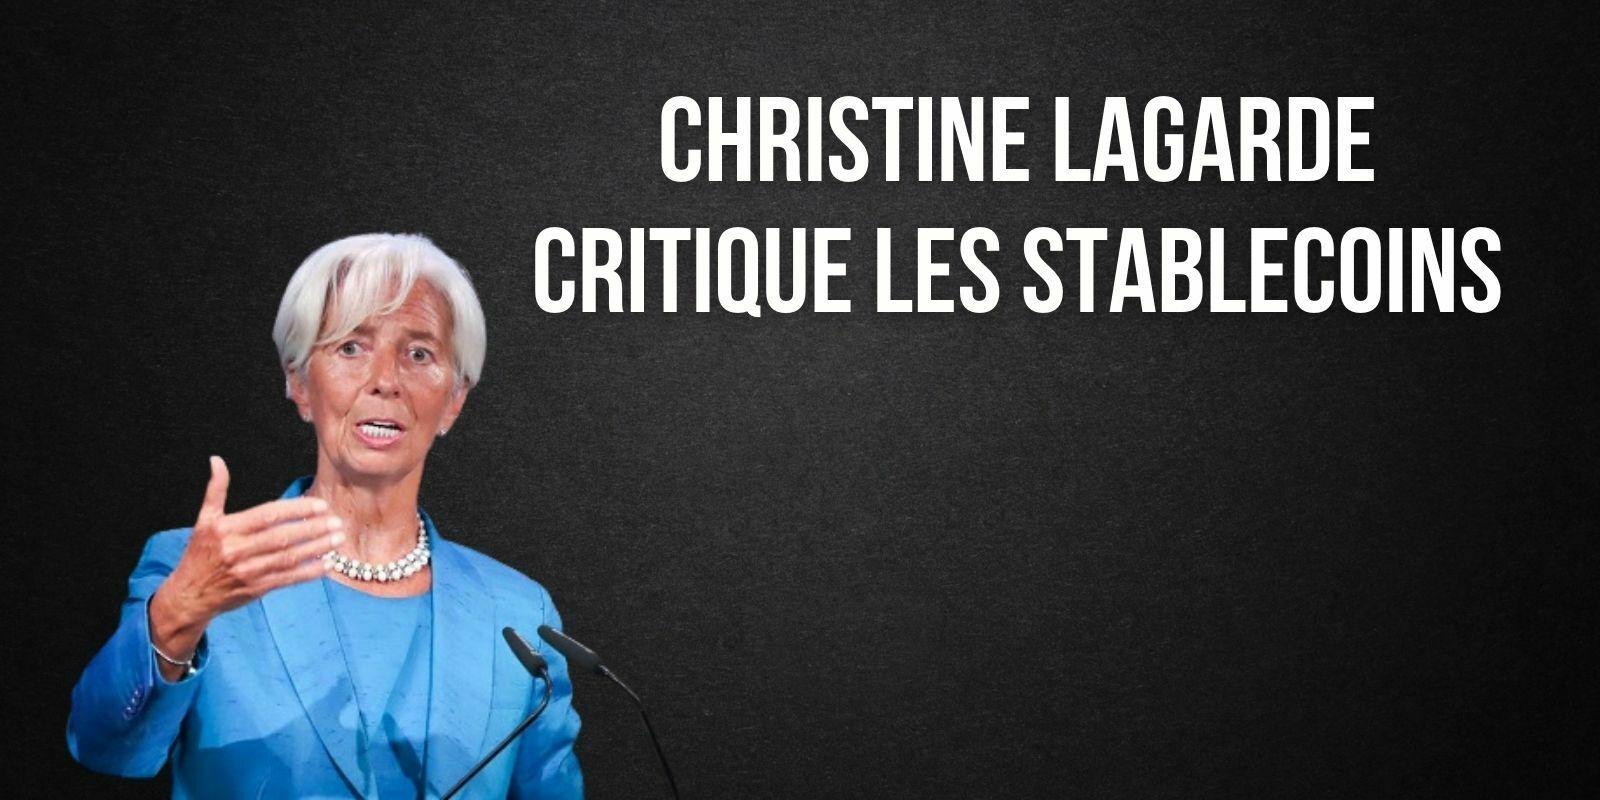 Christine Lagarde s'en prend une nouvelle fois aux cryptomonnaies et critique les stablecoins